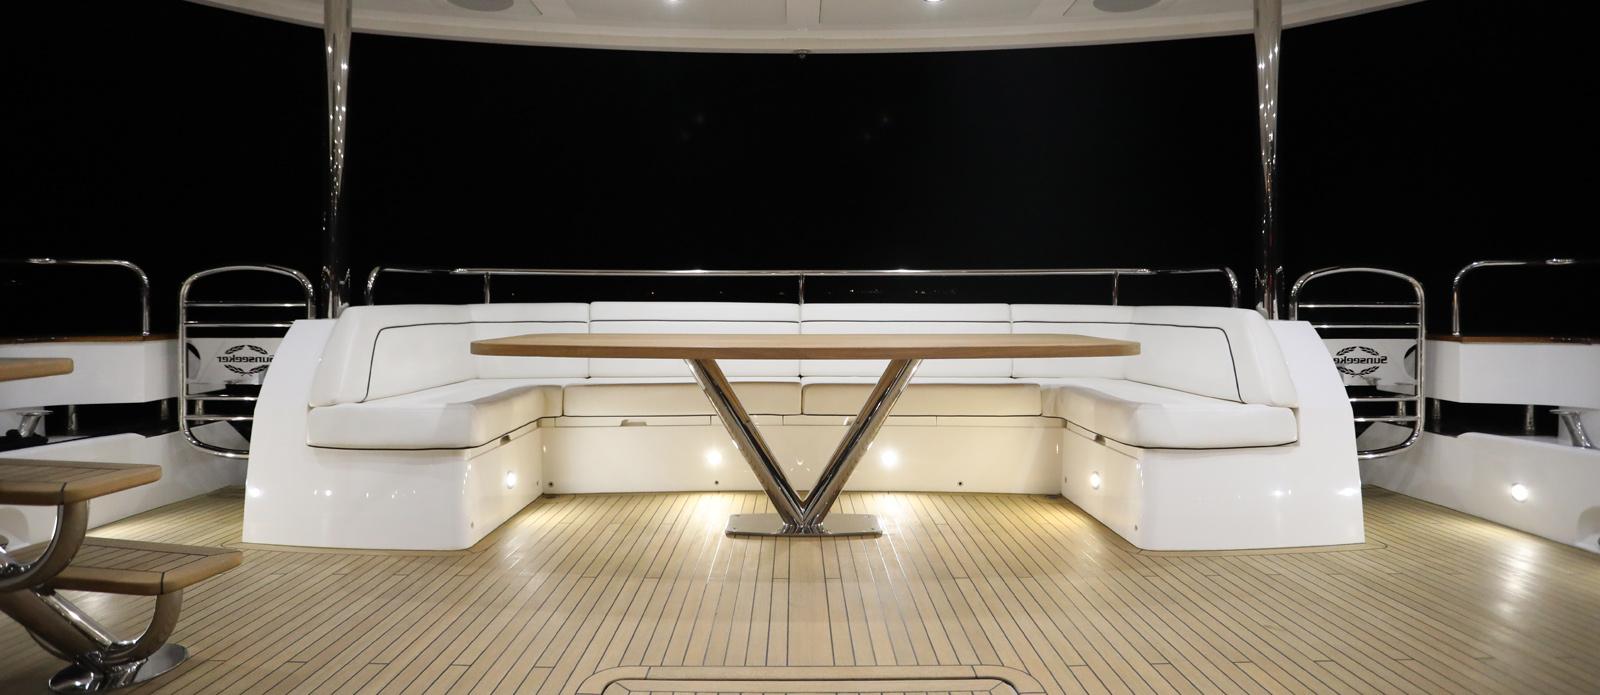 Sunseeker-28-Metre-Yacht-Diablo-Aft-Cockpit